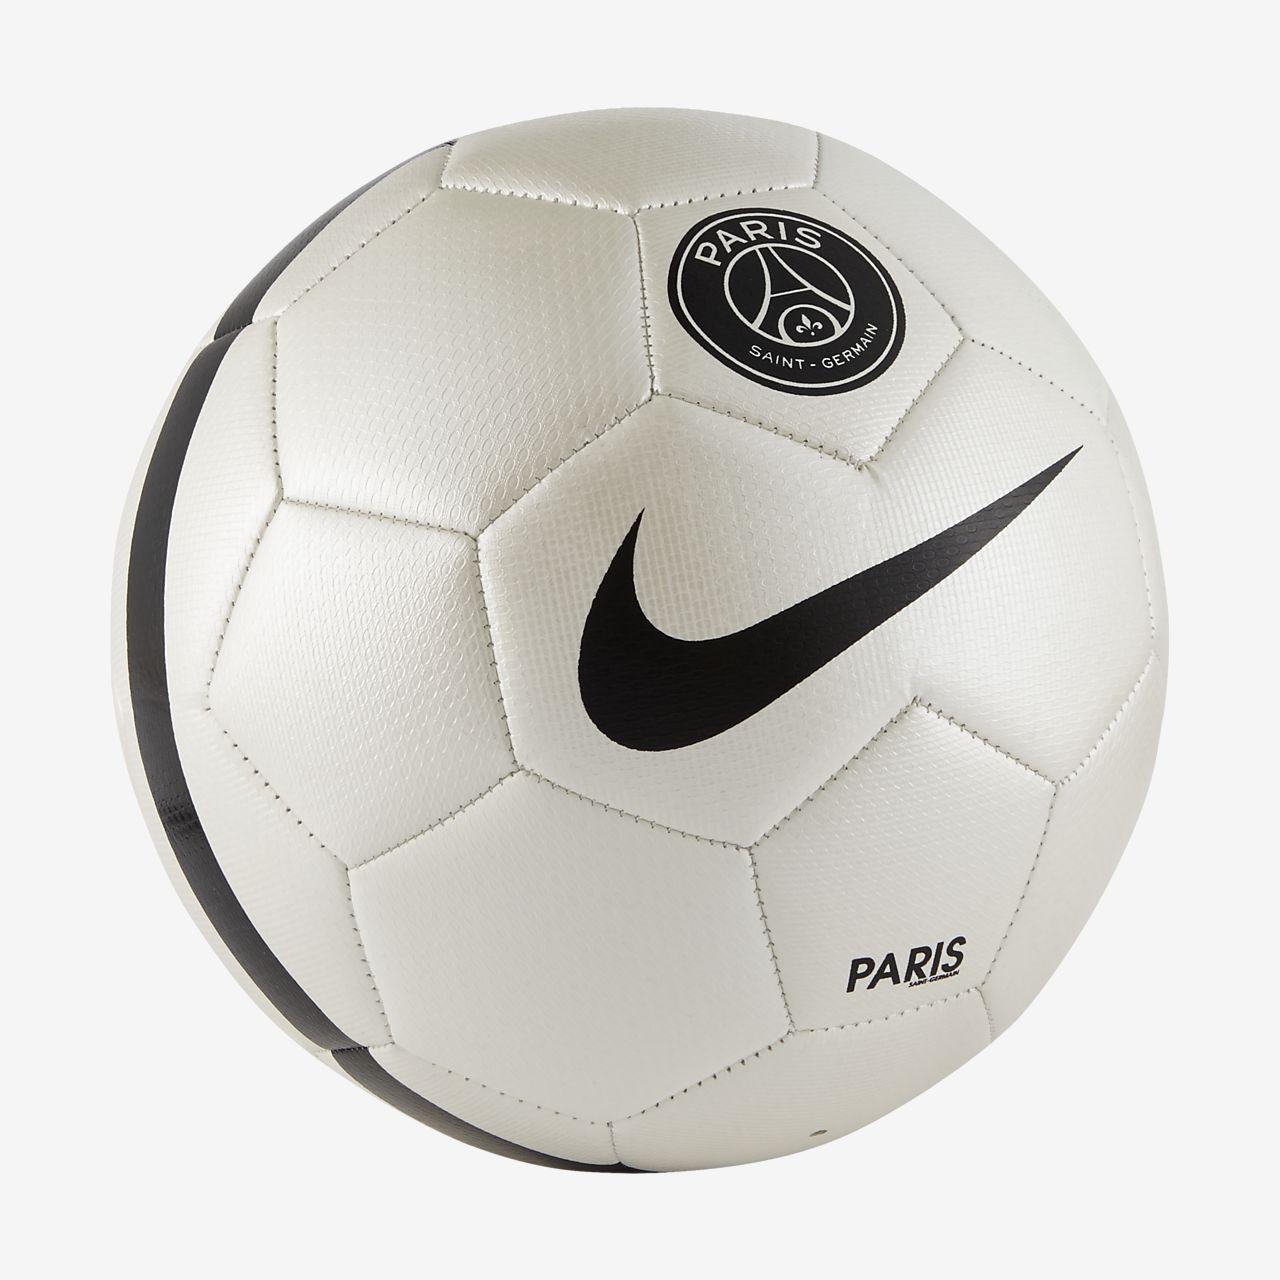 巴黎圣日耳曼 Prestige 足球(5号)